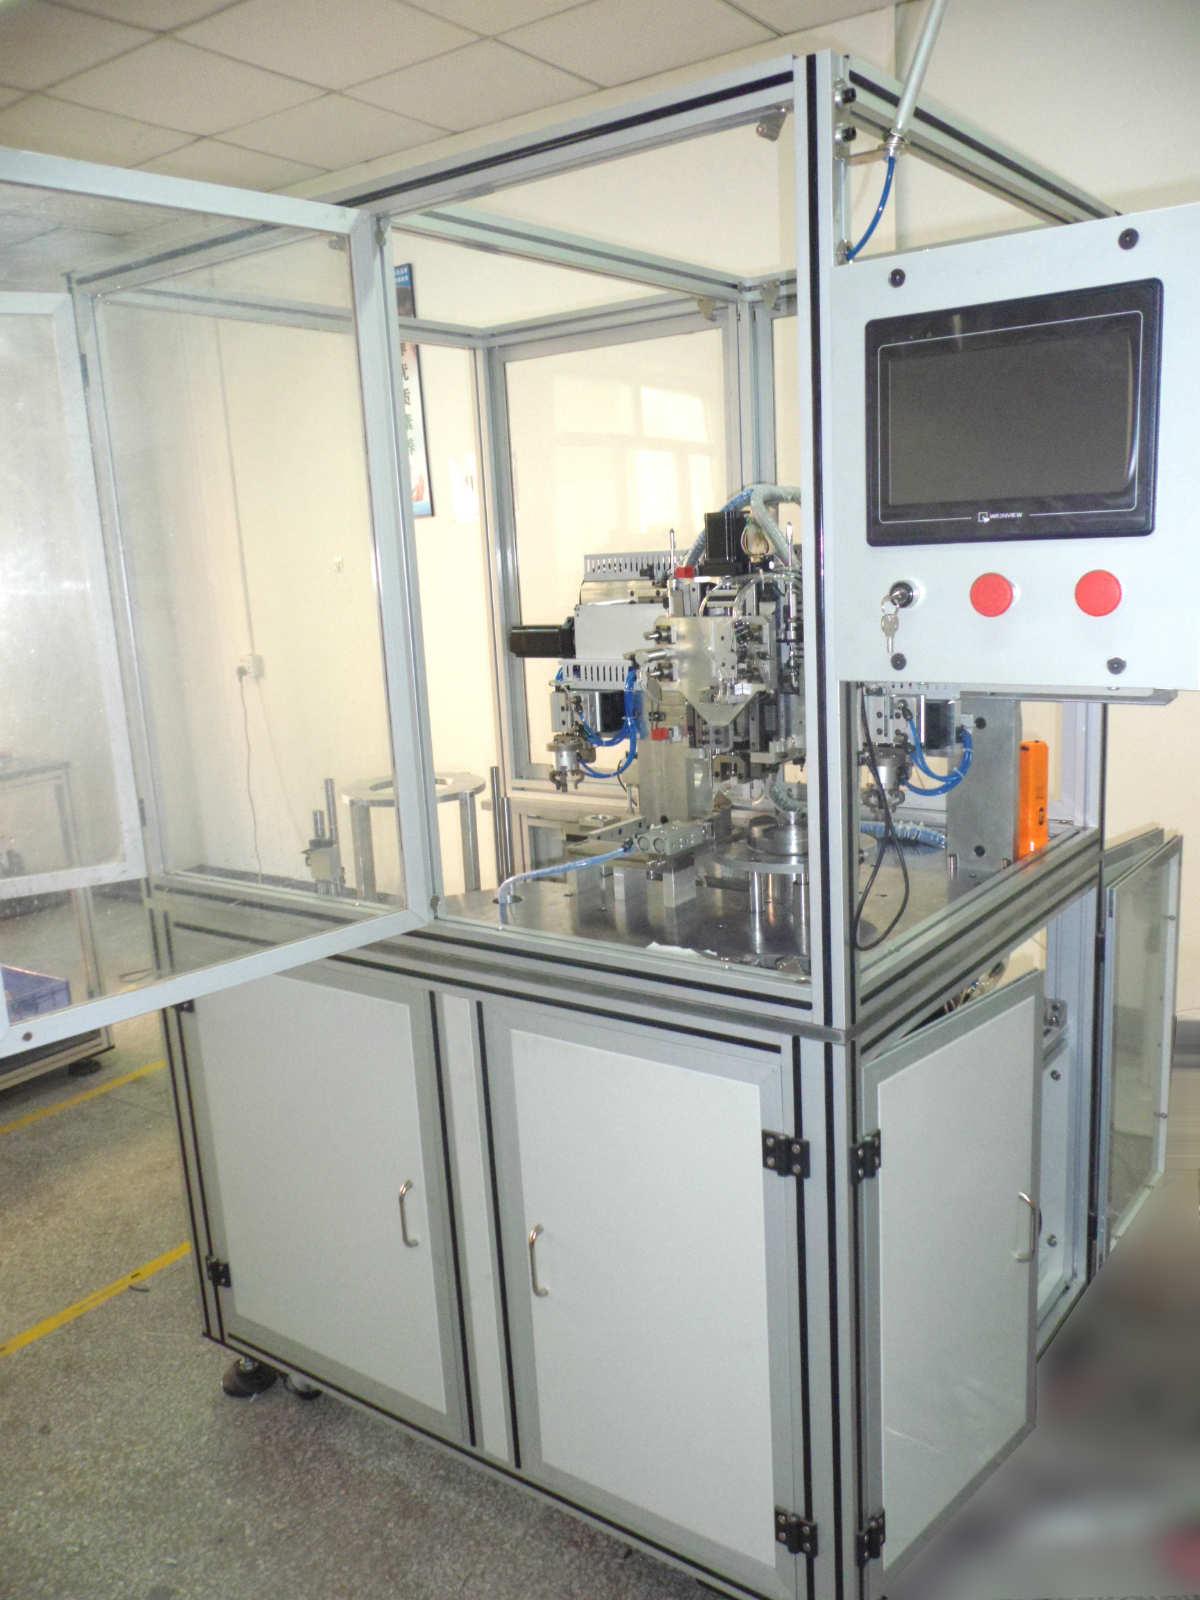 宁波非标自动化设备-自动化设备-非标自动化厂家